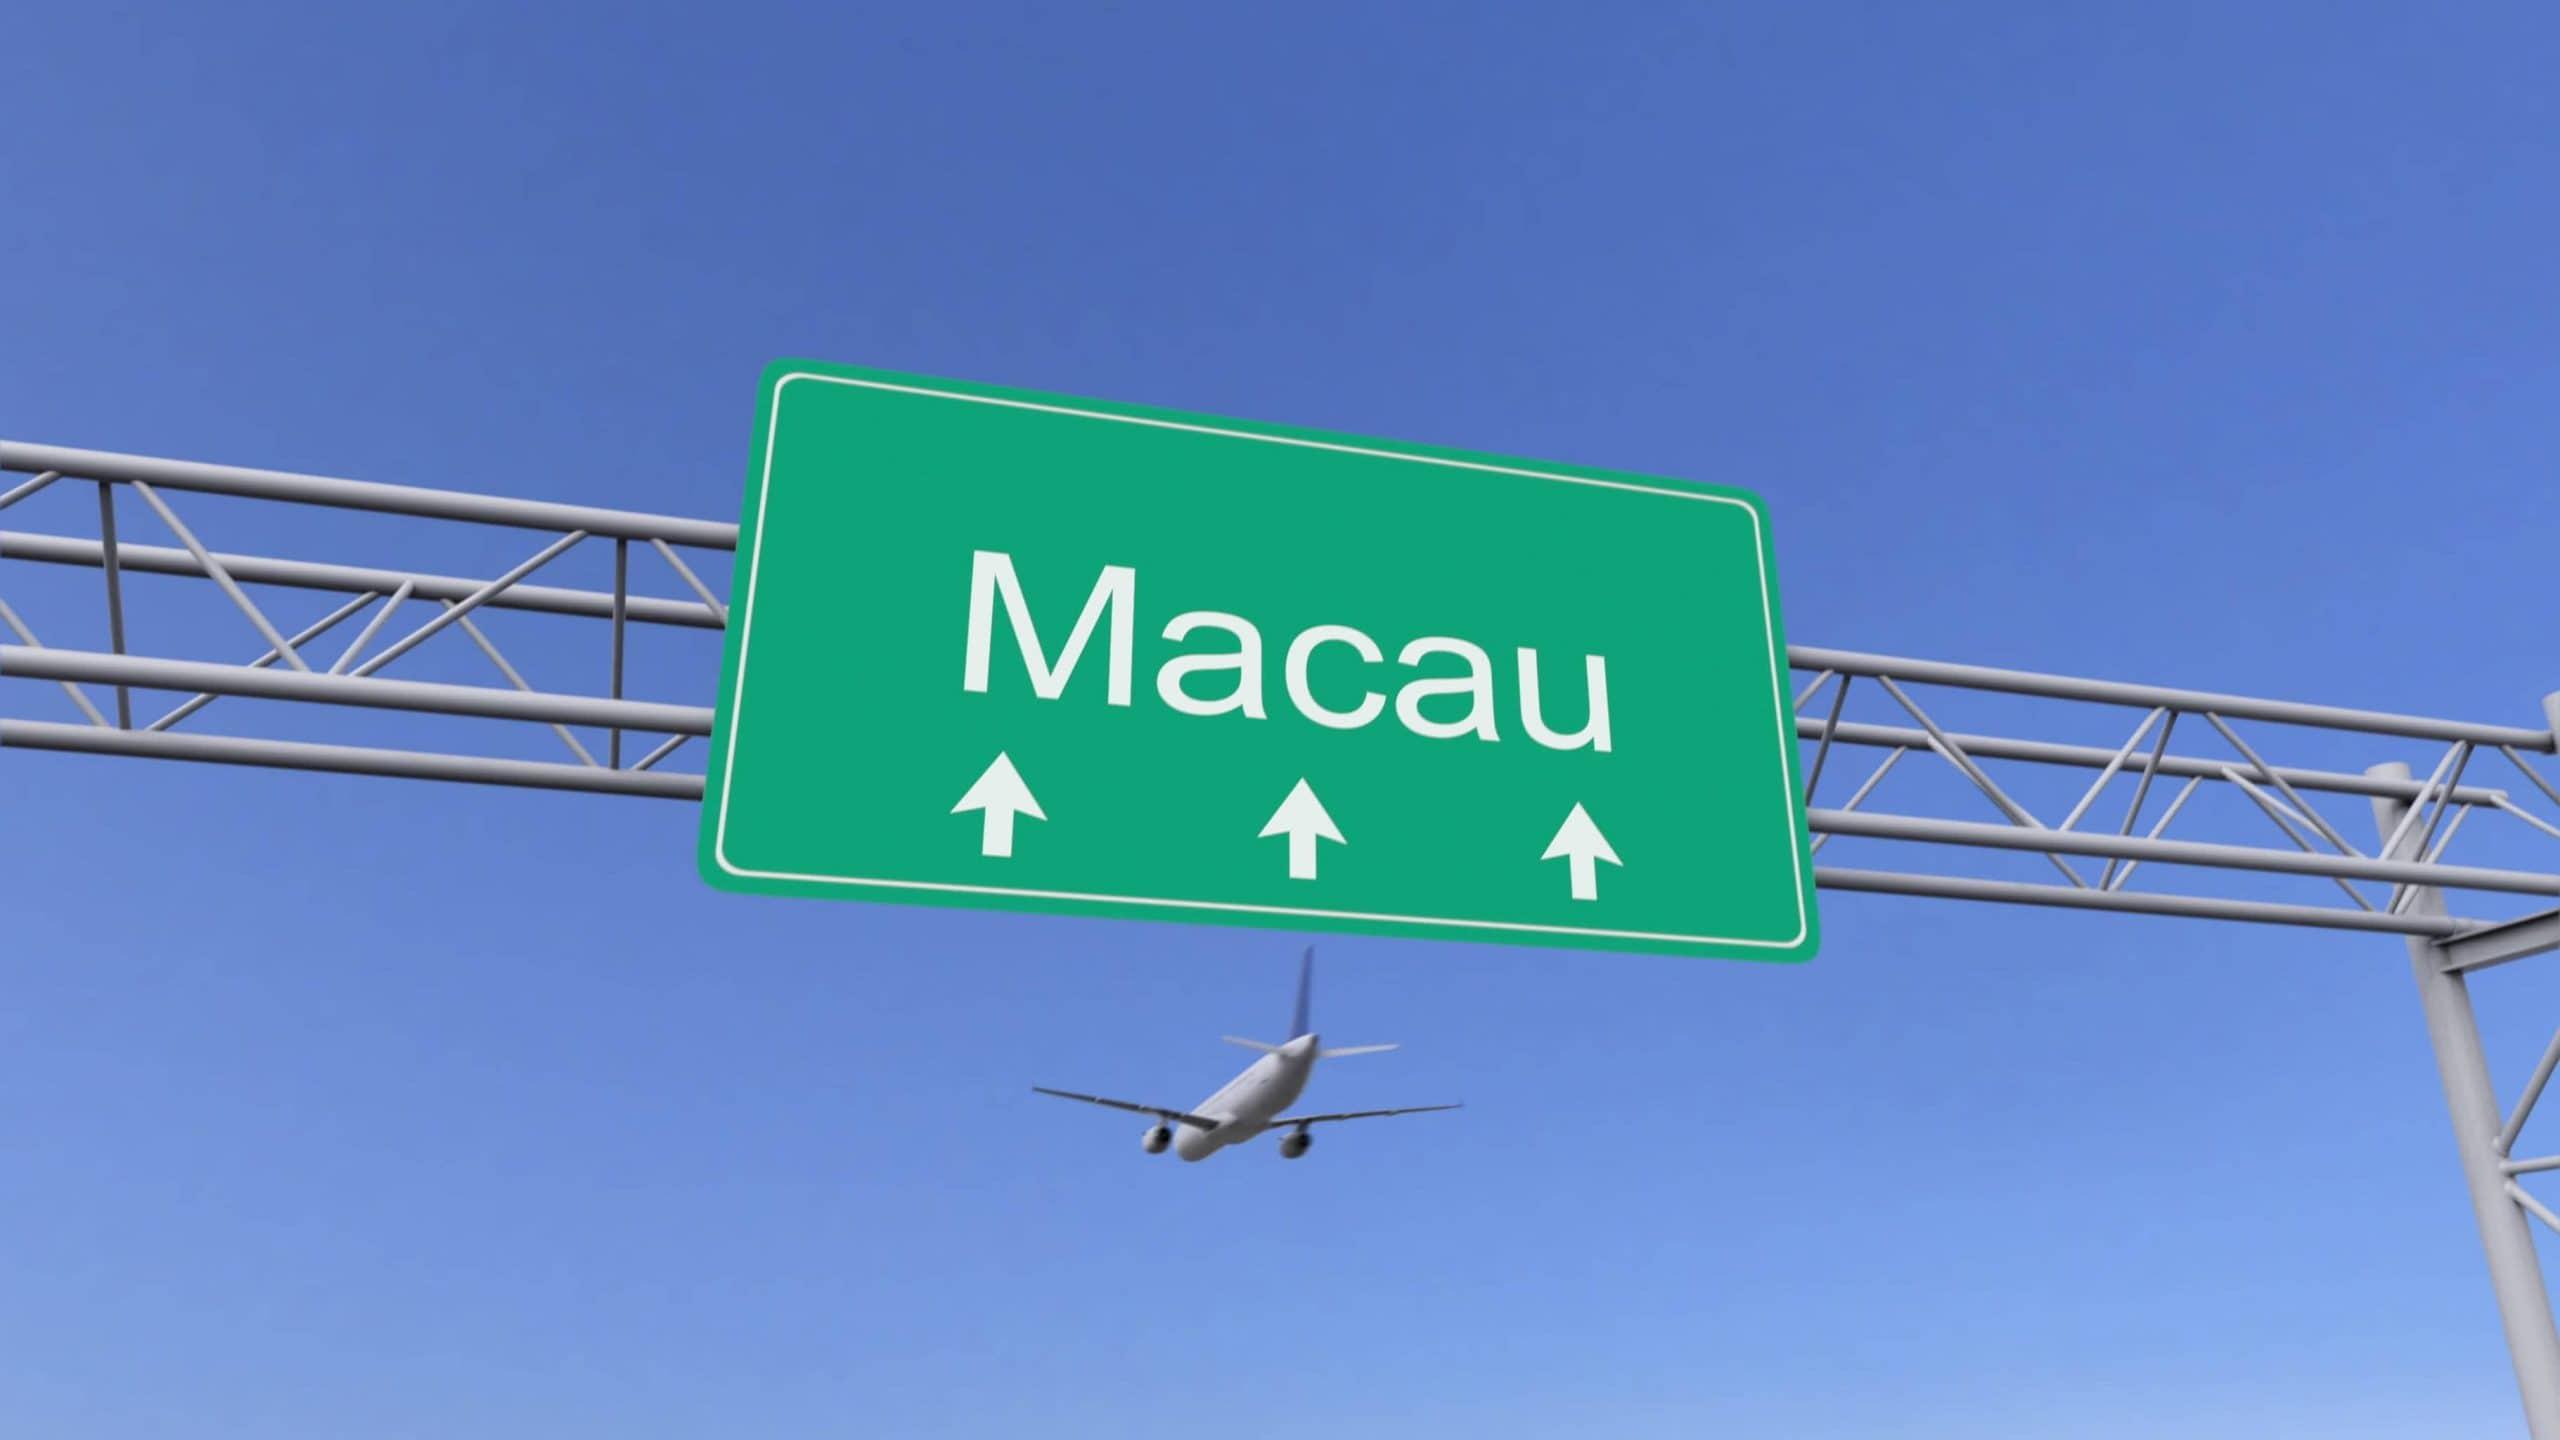 Flugzeug im Hintergrund, Macao-Schild im Vordergrund